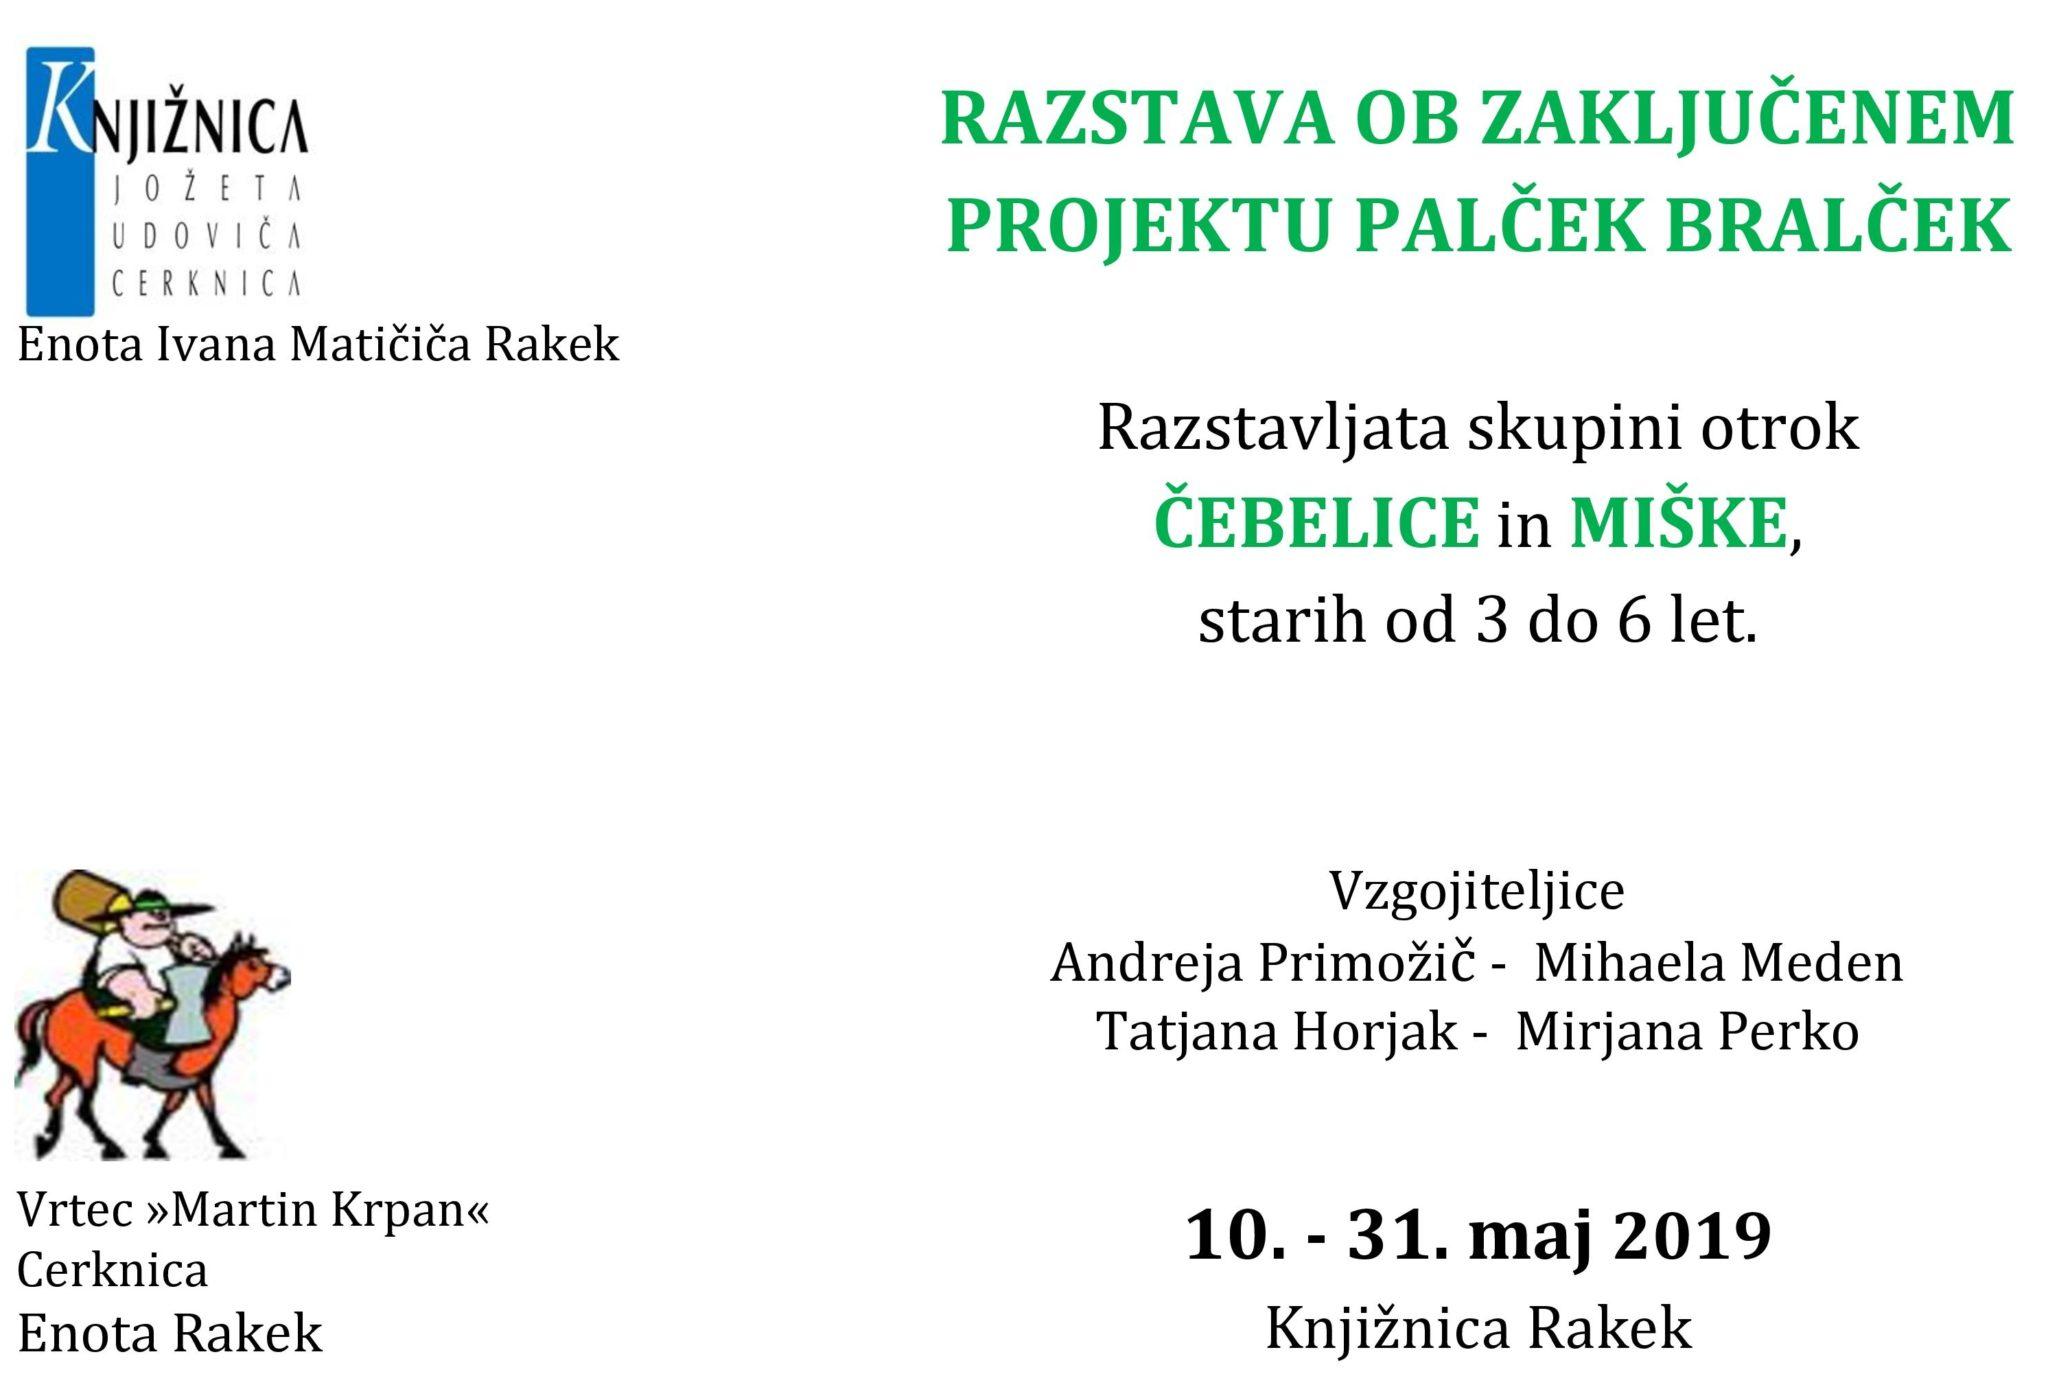 cover 3 - Razstava ob zaključenem projektu Palček Bralček